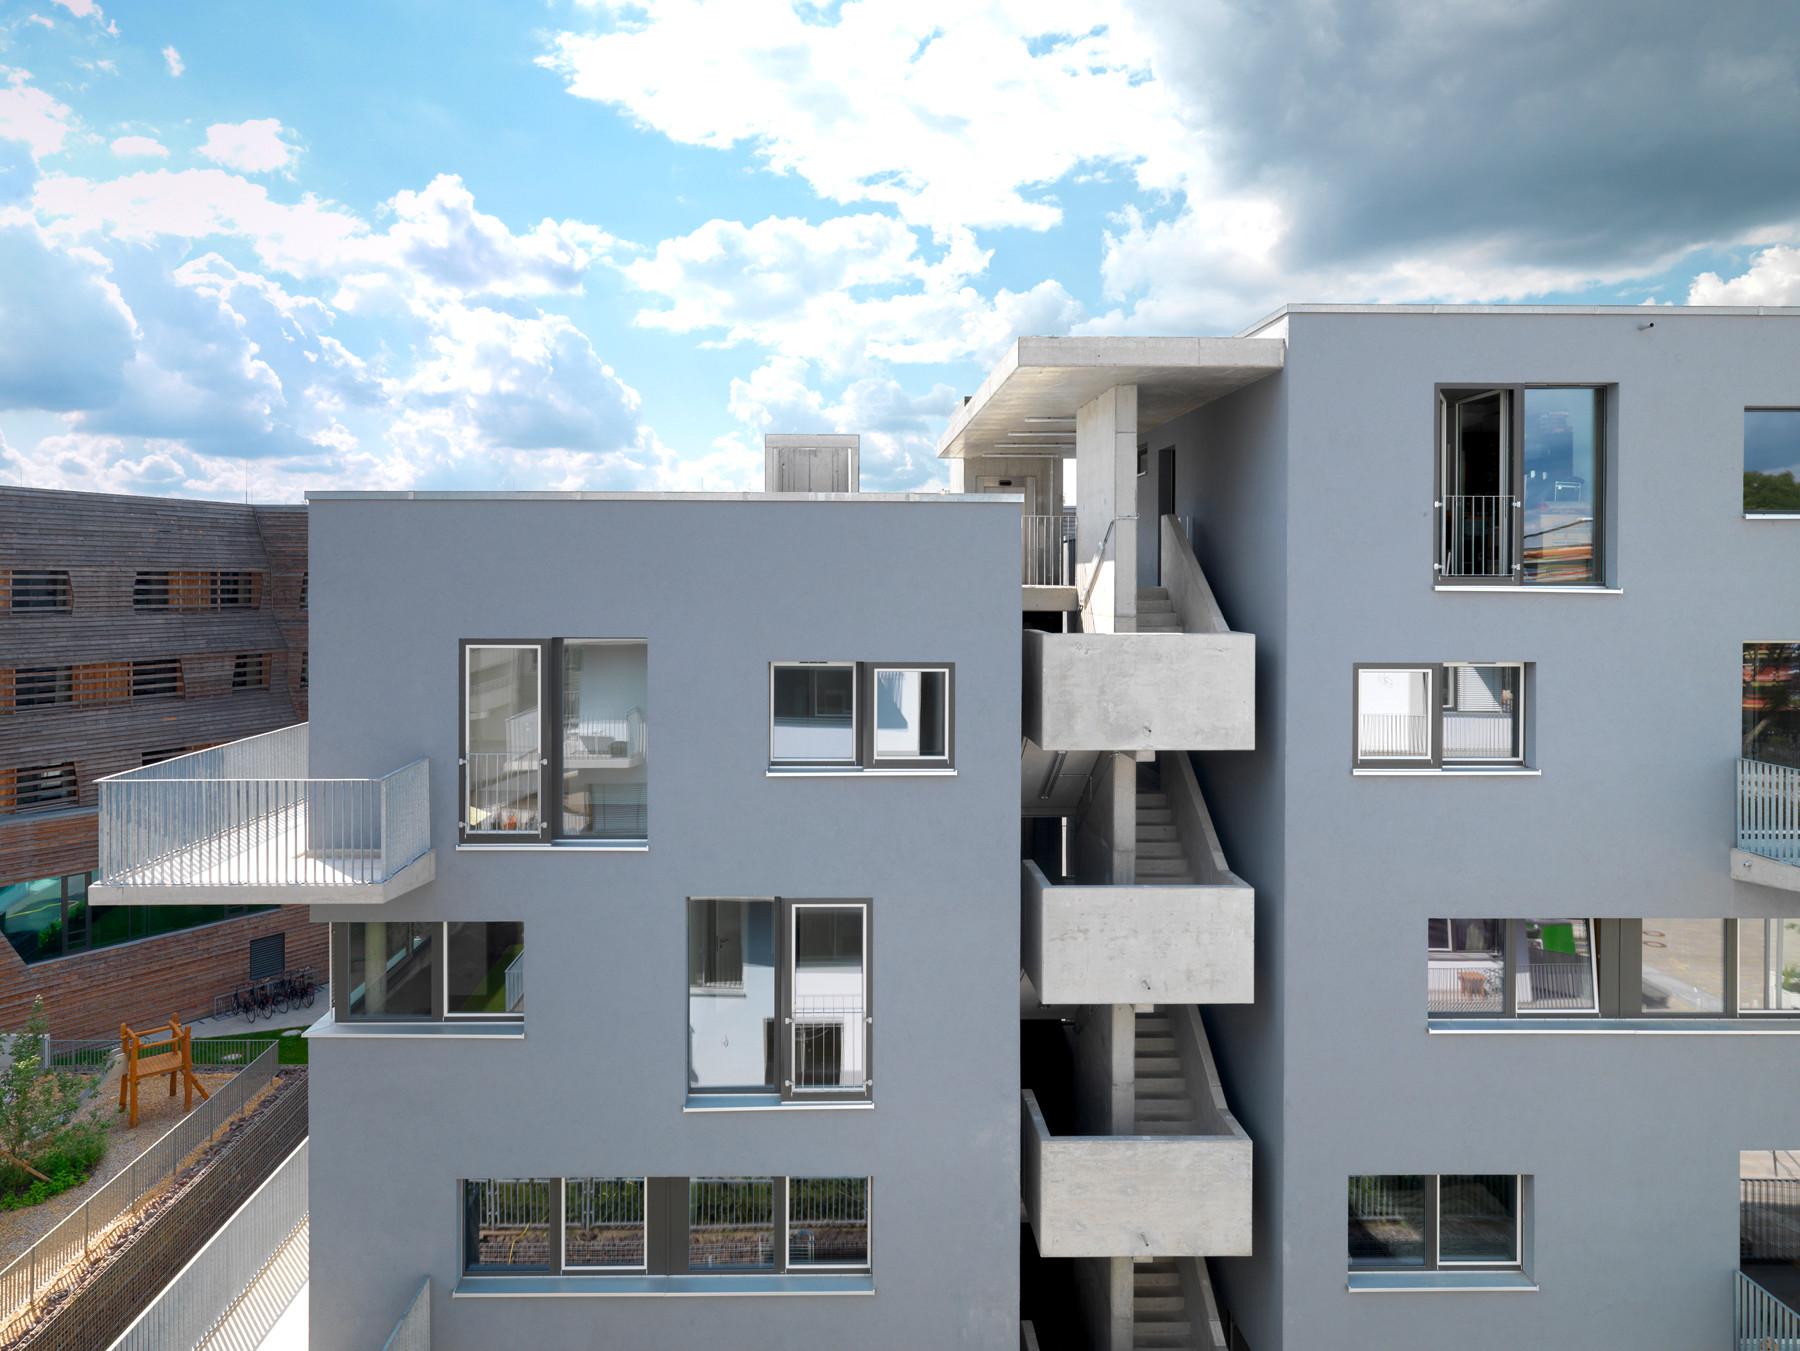 wohnh user holz 5 1 4 in hamburg bauphysik wohnen baunetz wissen. Black Bedroom Furniture Sets. Home Design Ideas